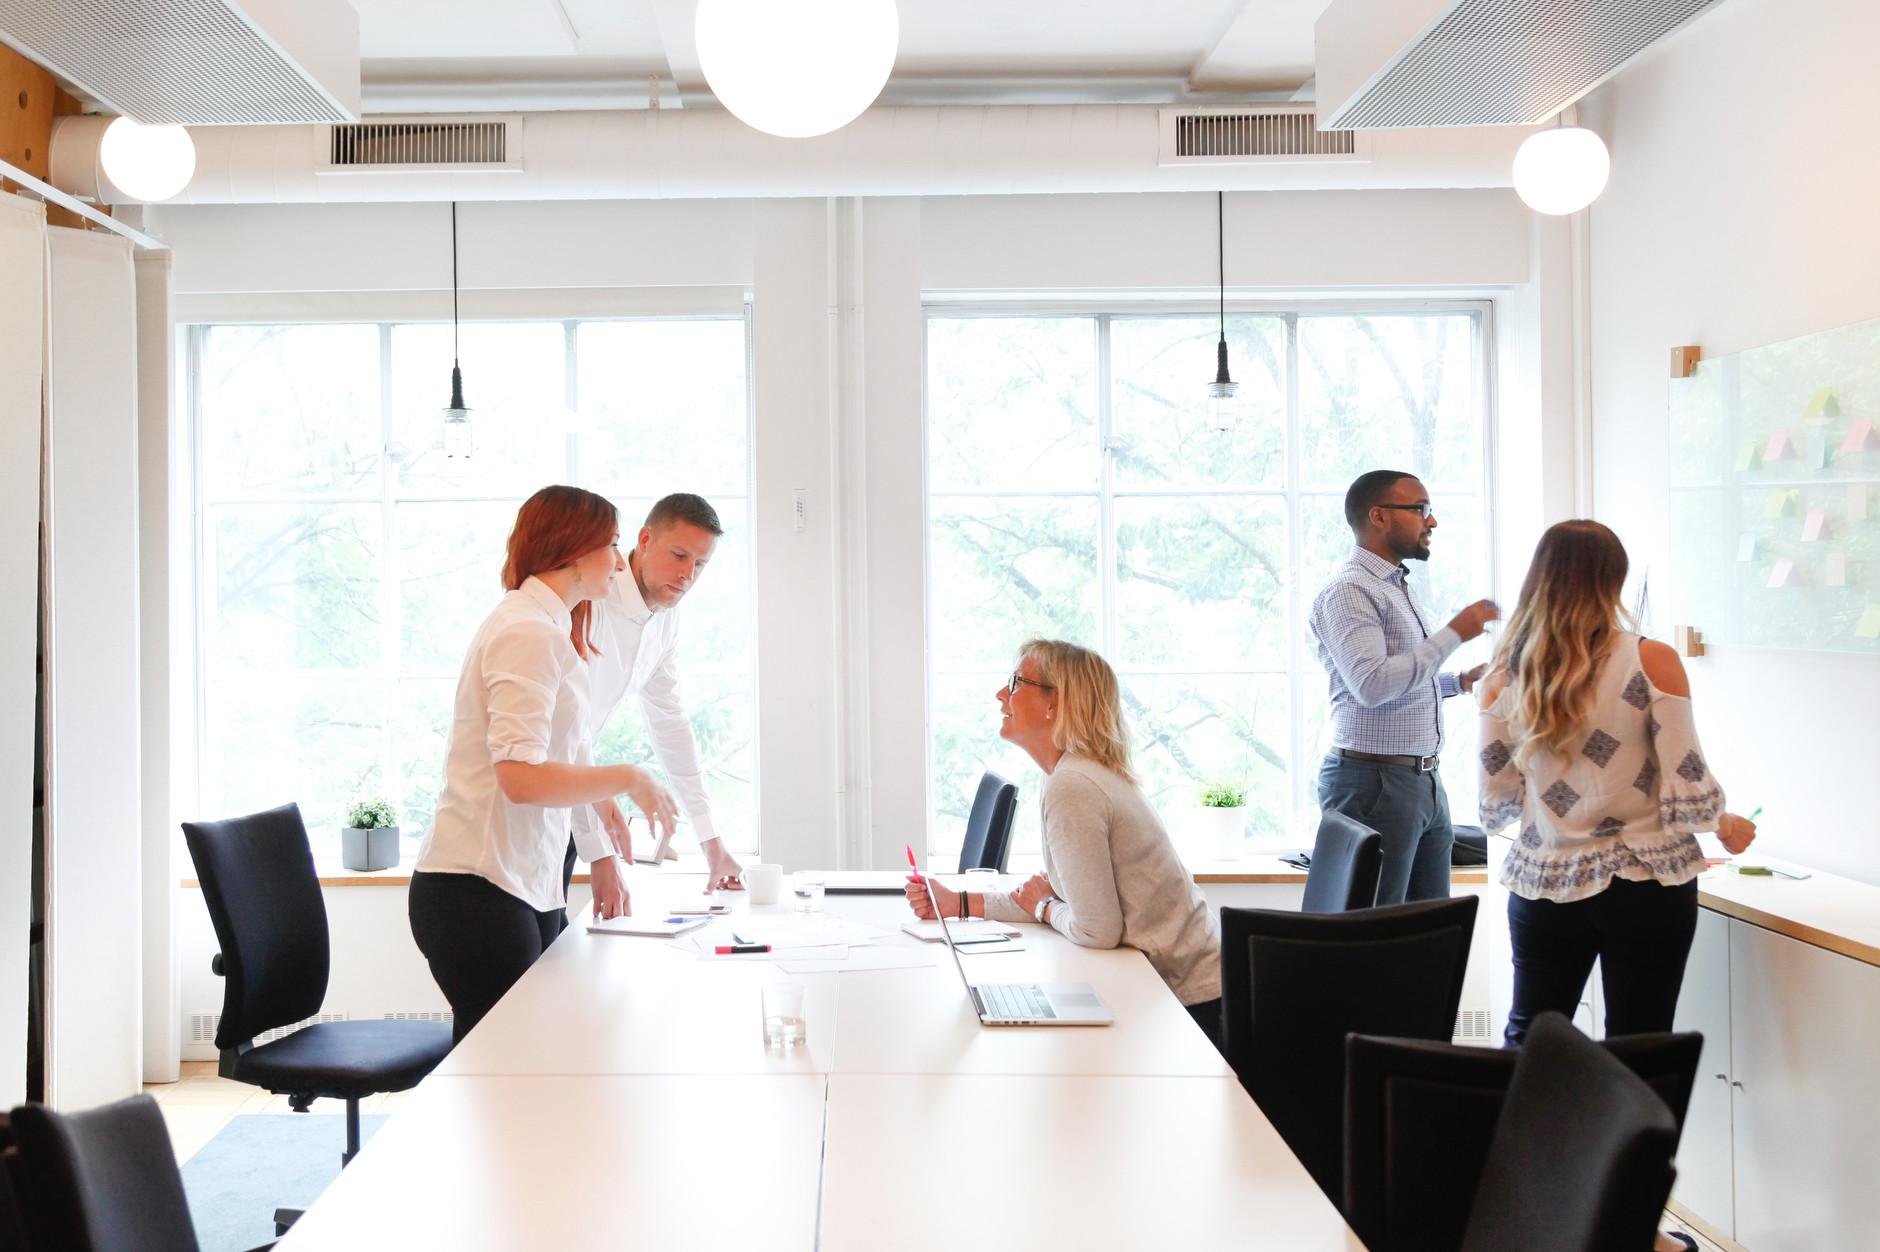 Möte med människor i konferensrum med whiteboard